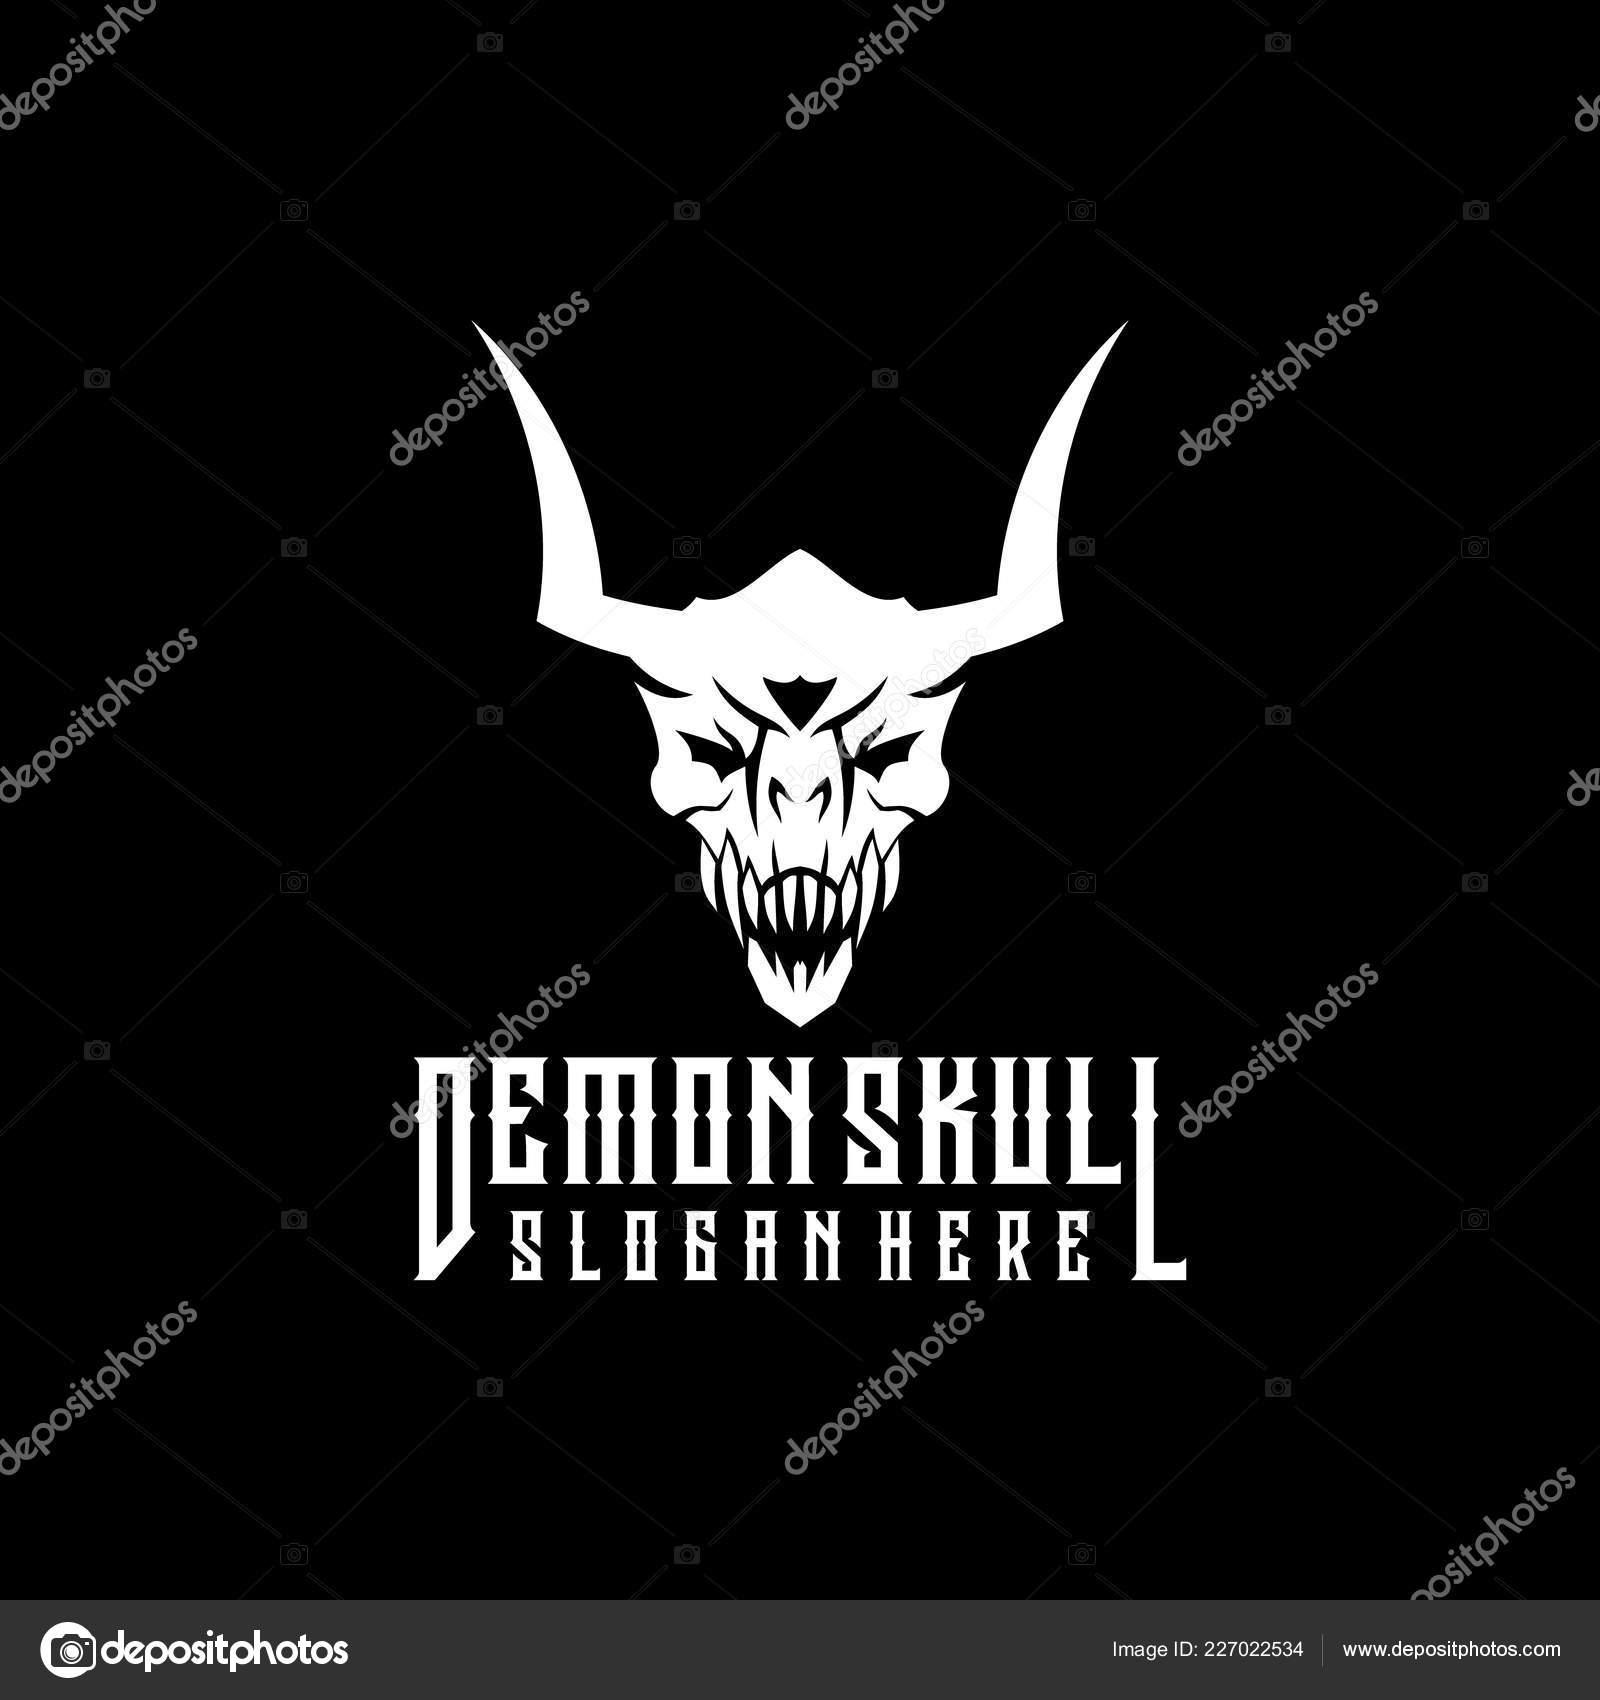 devil logo designs demon skull logo design stock vector c eko07 227022534 https depositphotos com 227022534 stock illustration demon skull logo design html